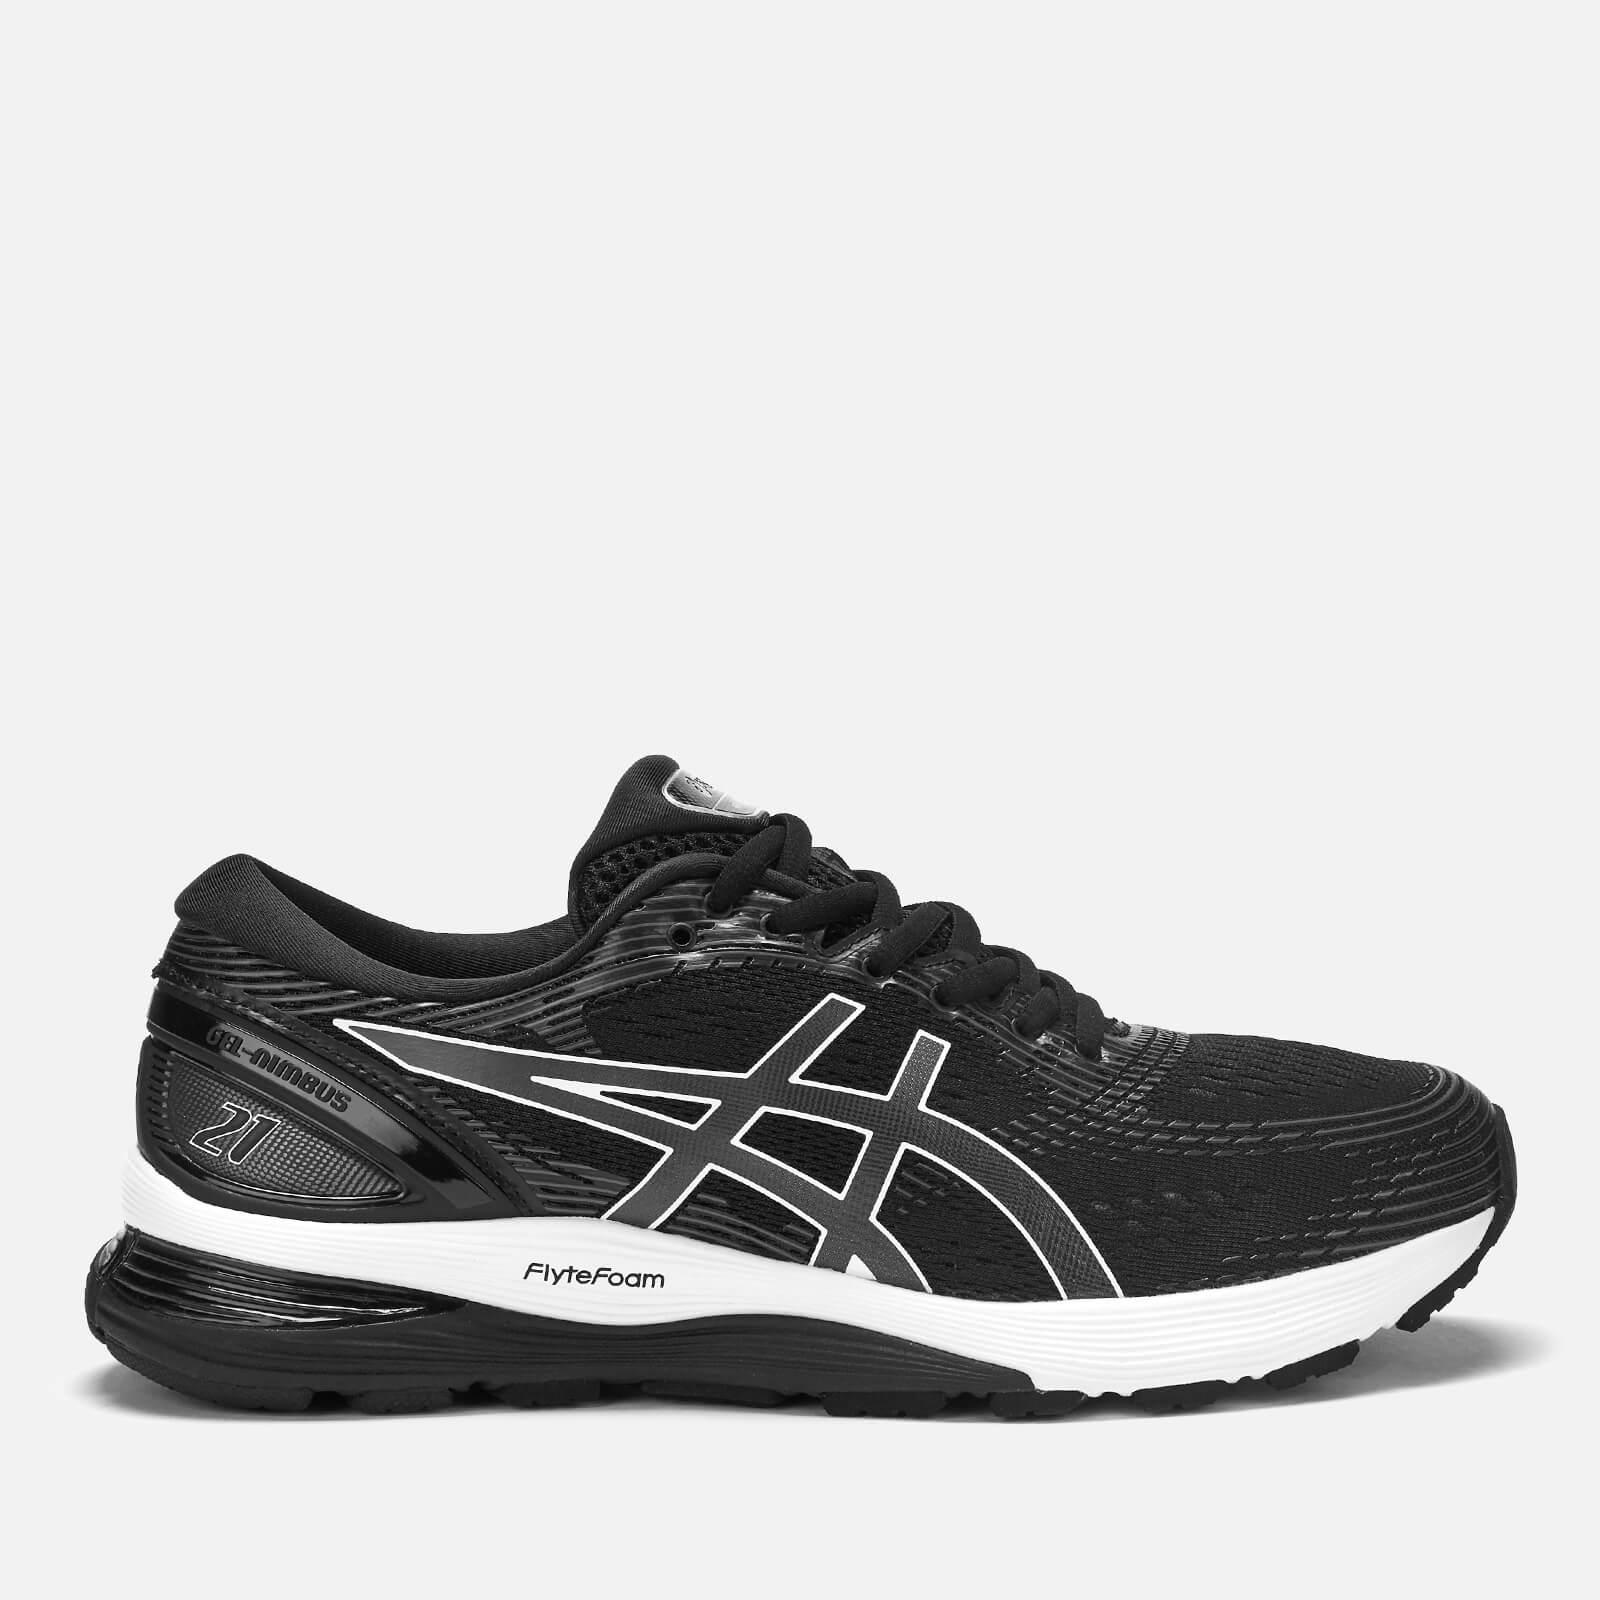 Asics Men's Running Gel-Nimbus 21 Trainers - Black/Dark Grey - UK 11 - Black